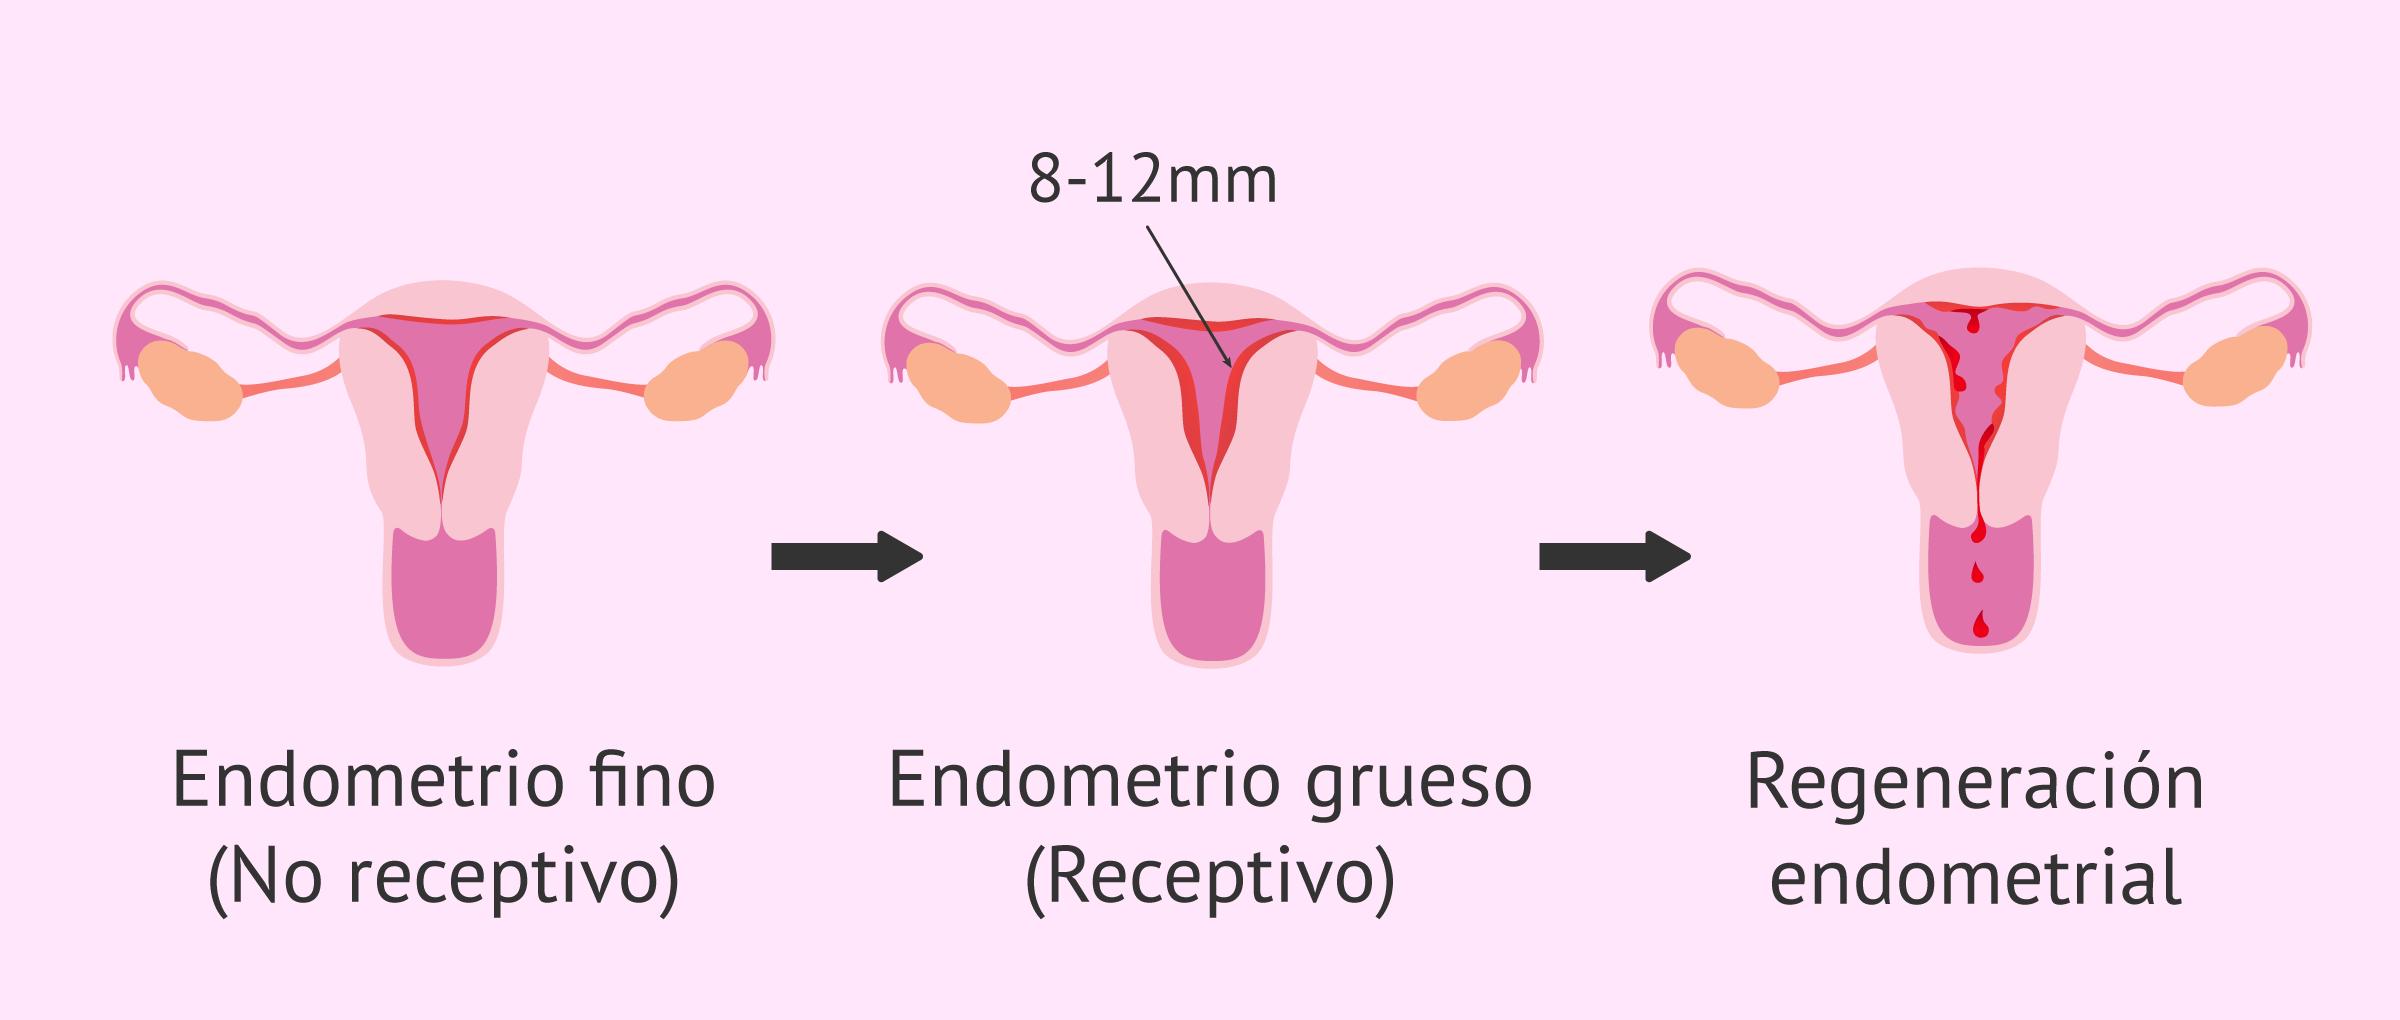 La receptividad uterina